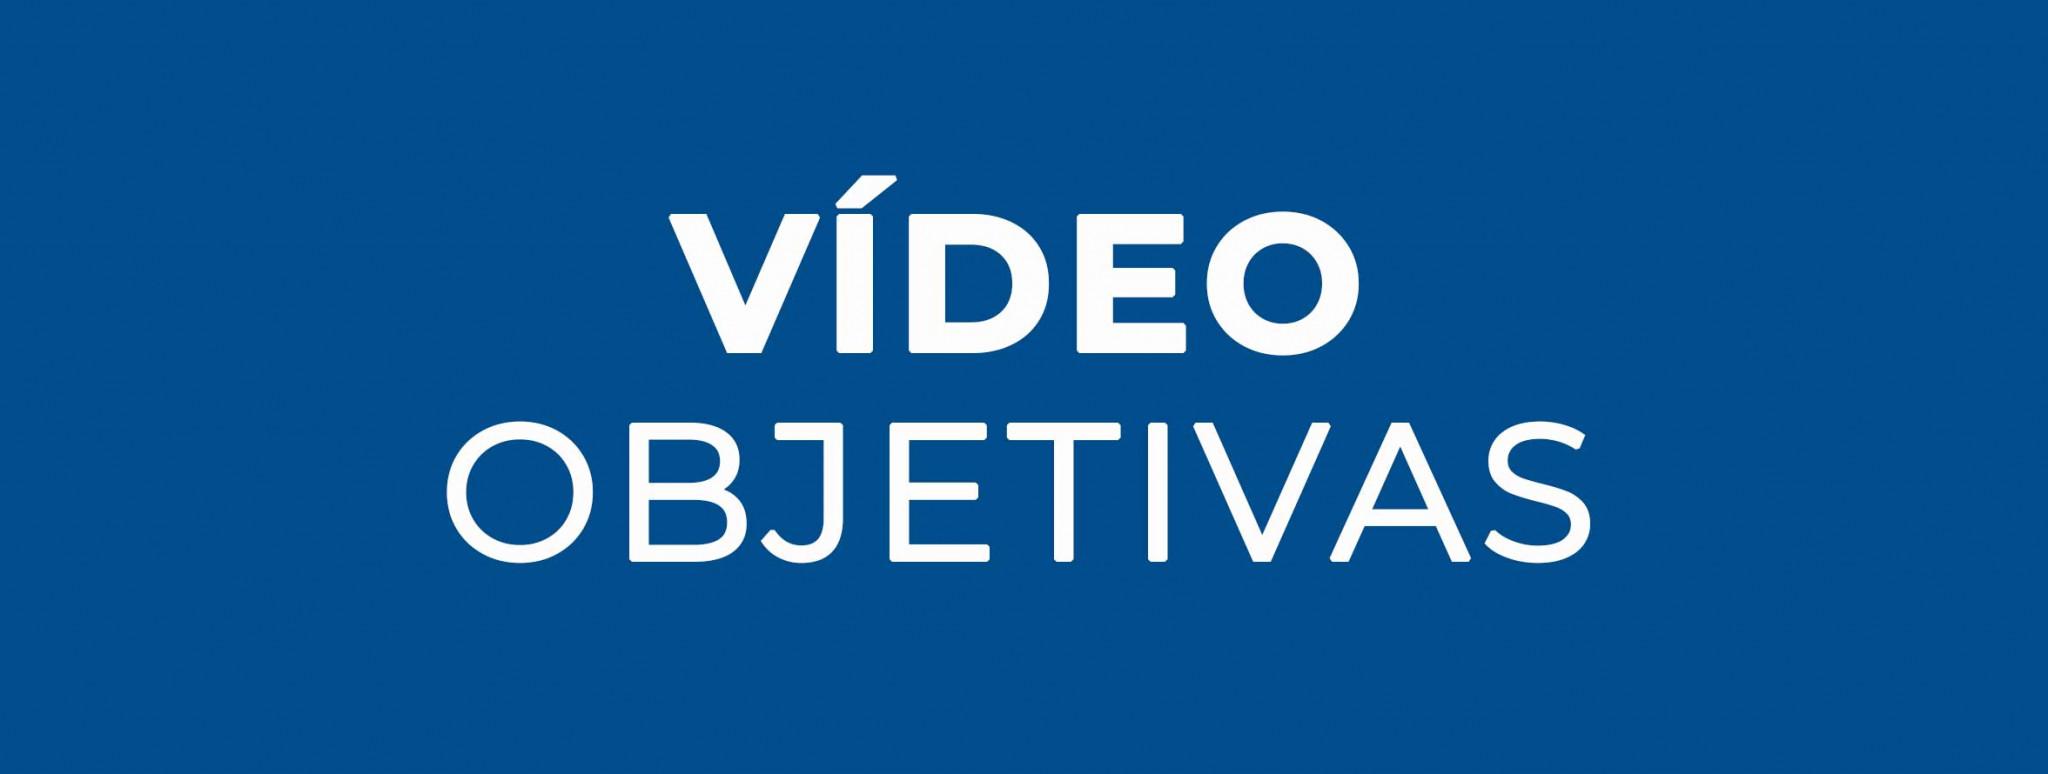 Objetivas Vídeo